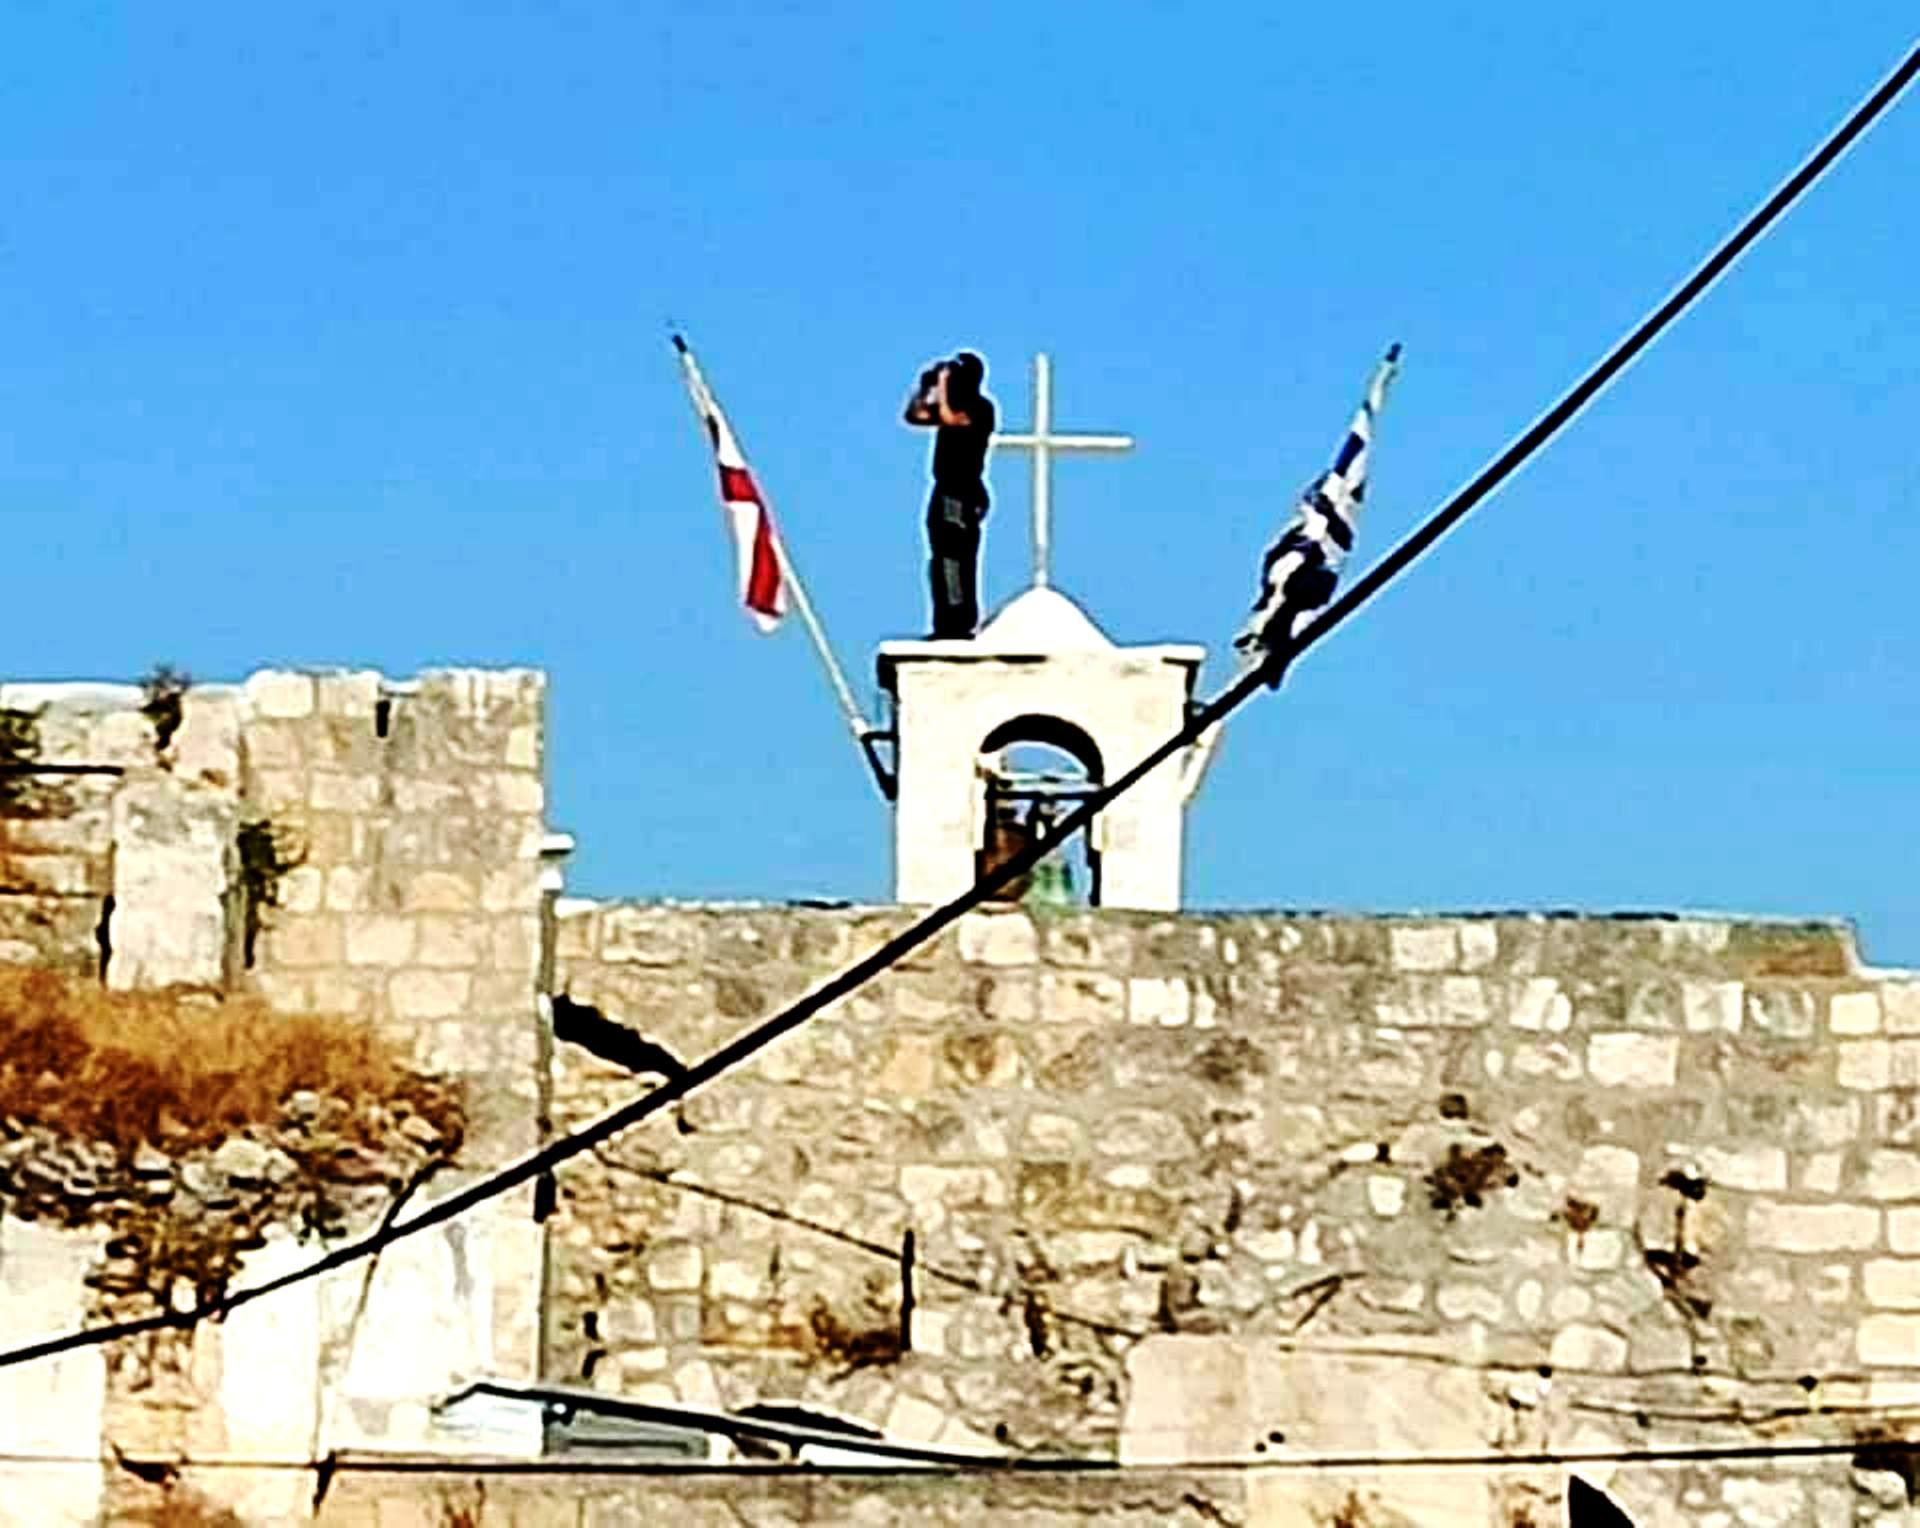 Συγκλονιστικό! Οι Παλαιστίνιοι φυλάνε τις ελληνορθόδοξες εκκλησίες στη Λοντ να μην τις κάψουν οι φανατικοί Ισραηλινοί. Οι Παλαιστίνιοι φύλακες της ελληνικής σημαίας! Επίσκοπος Σεβάστειας: oι έποικοι επιτέθηκαν στην εκκλησία στη Λοντ!